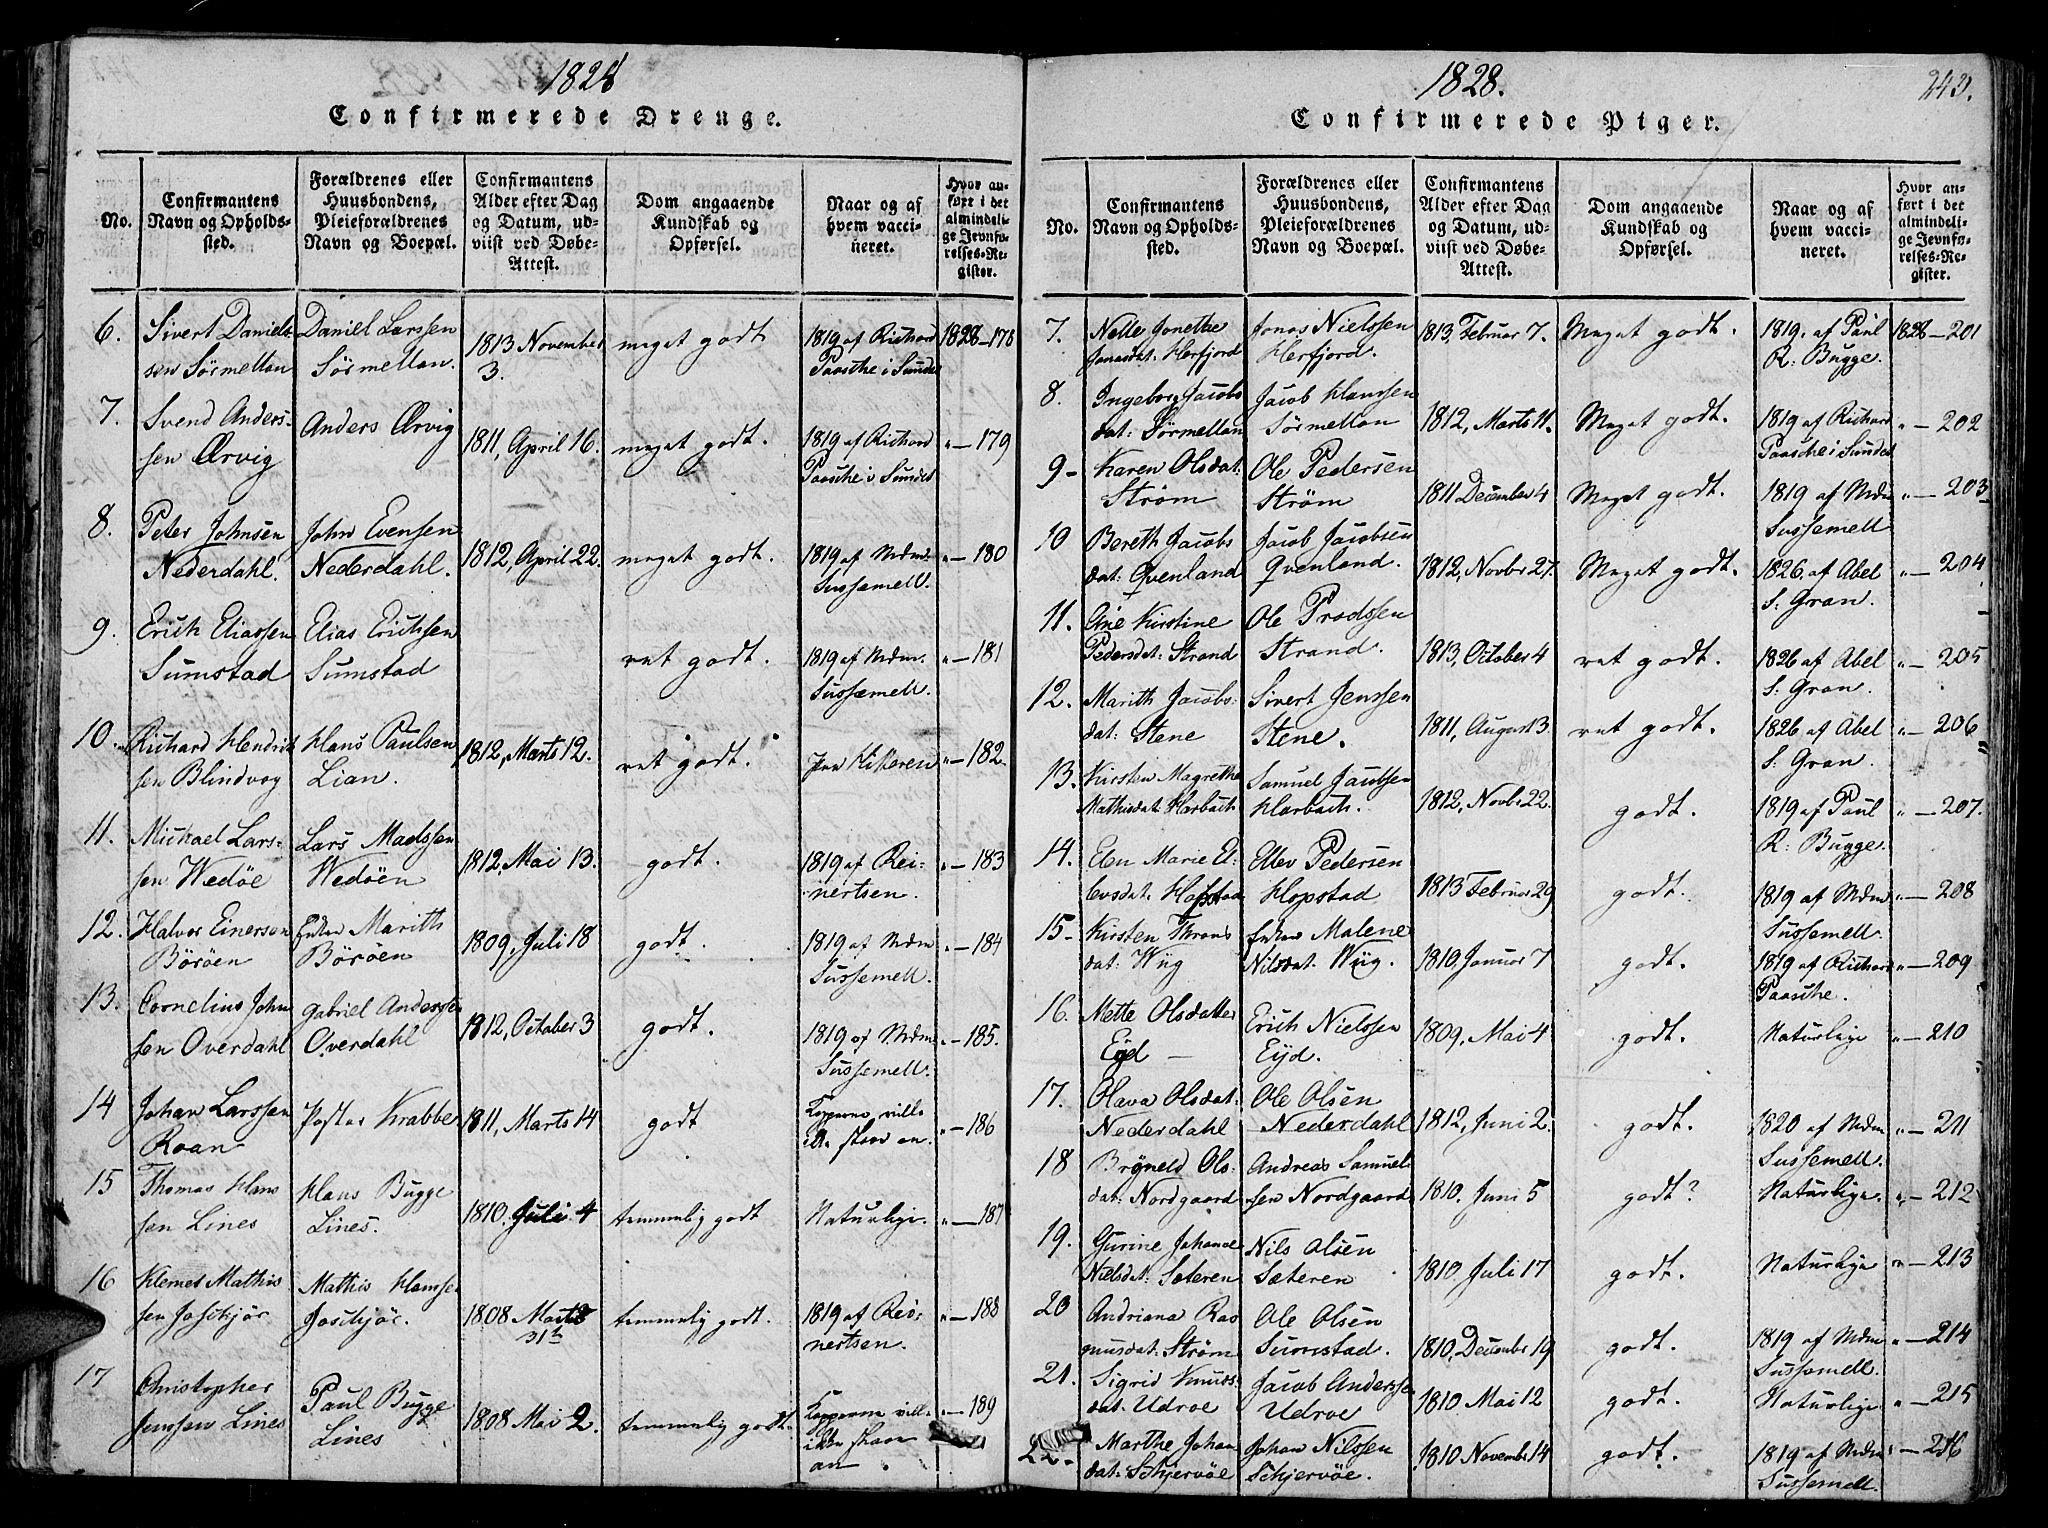 SAT, Ministerialprotokoller, klokkerbøker og fødselsregistre - Sør-Trøndelag, 657/L0702: Ministerialbok nr. 657A03, 1818-1831, s. 243